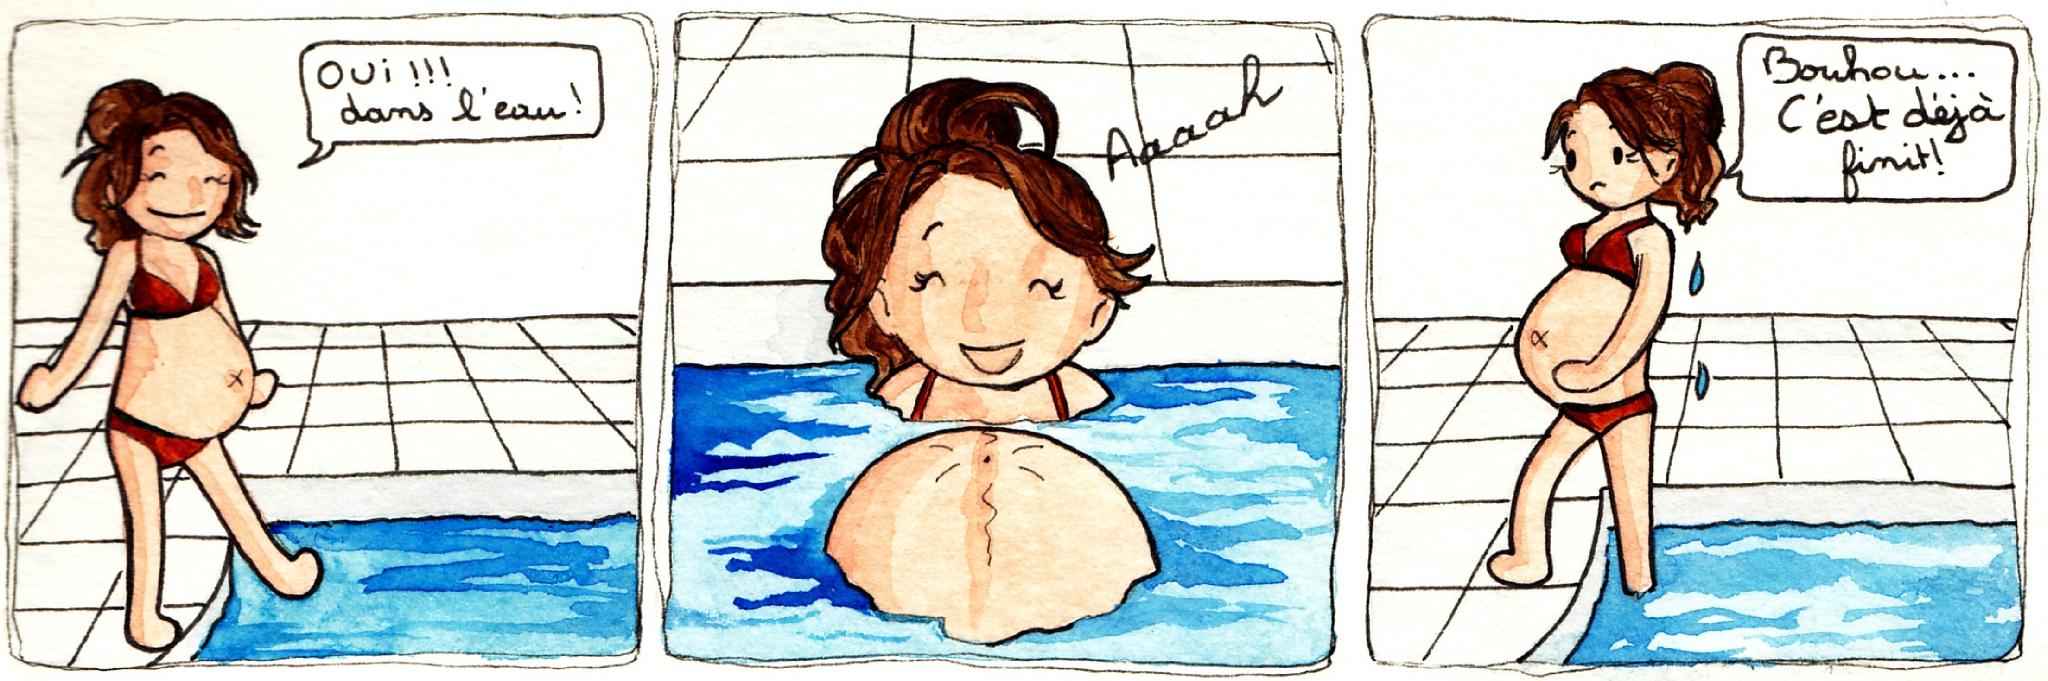 Journal D'une Femme Enceinte - Vive La Piscine - Le Petit ... avec Préparation Accouchement Piscine